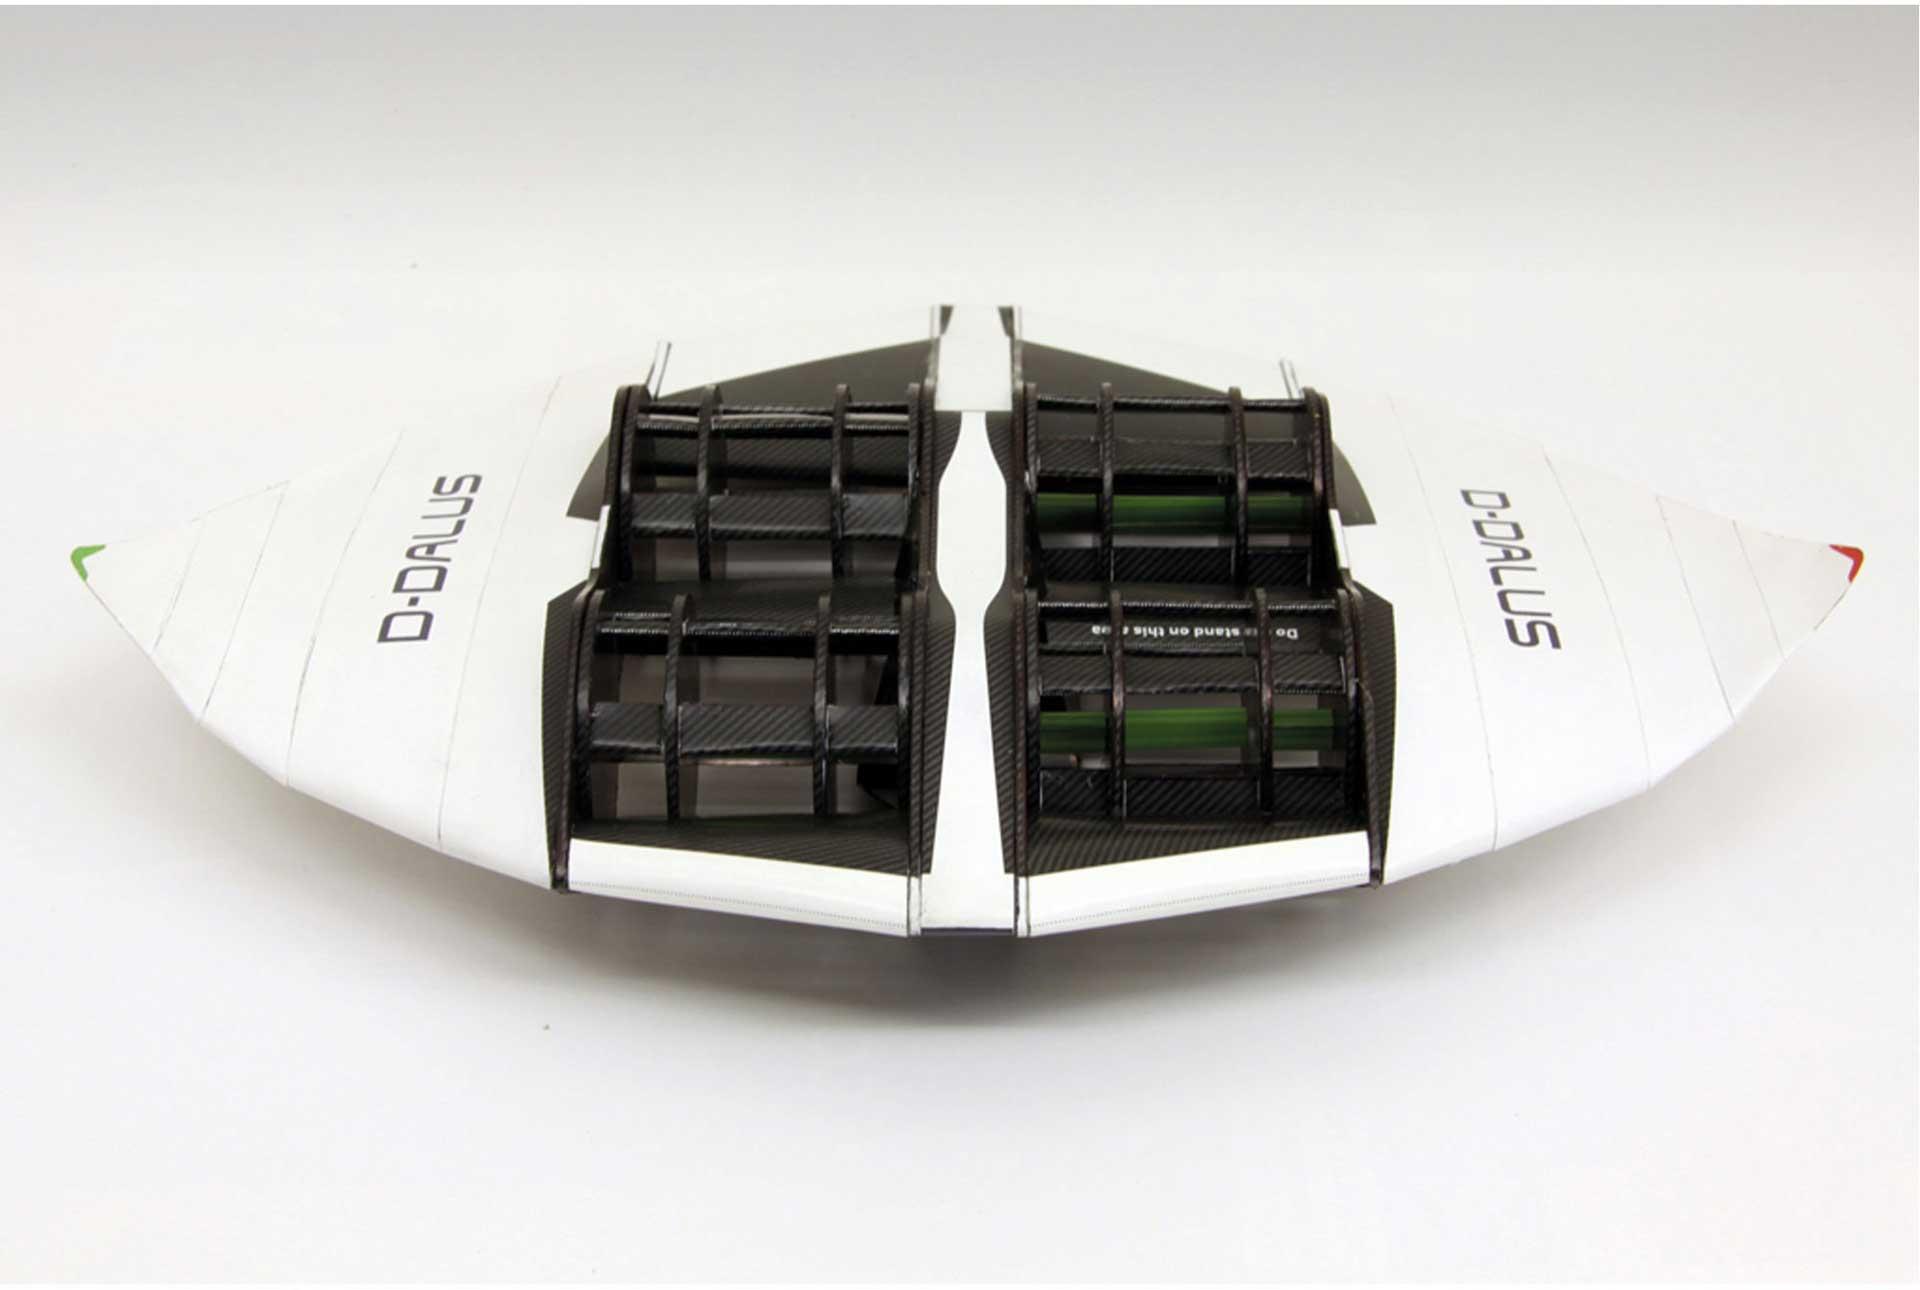 PAPER-MODEL D-Dalus 1:24 Kartonmodell aus Papier und Karton